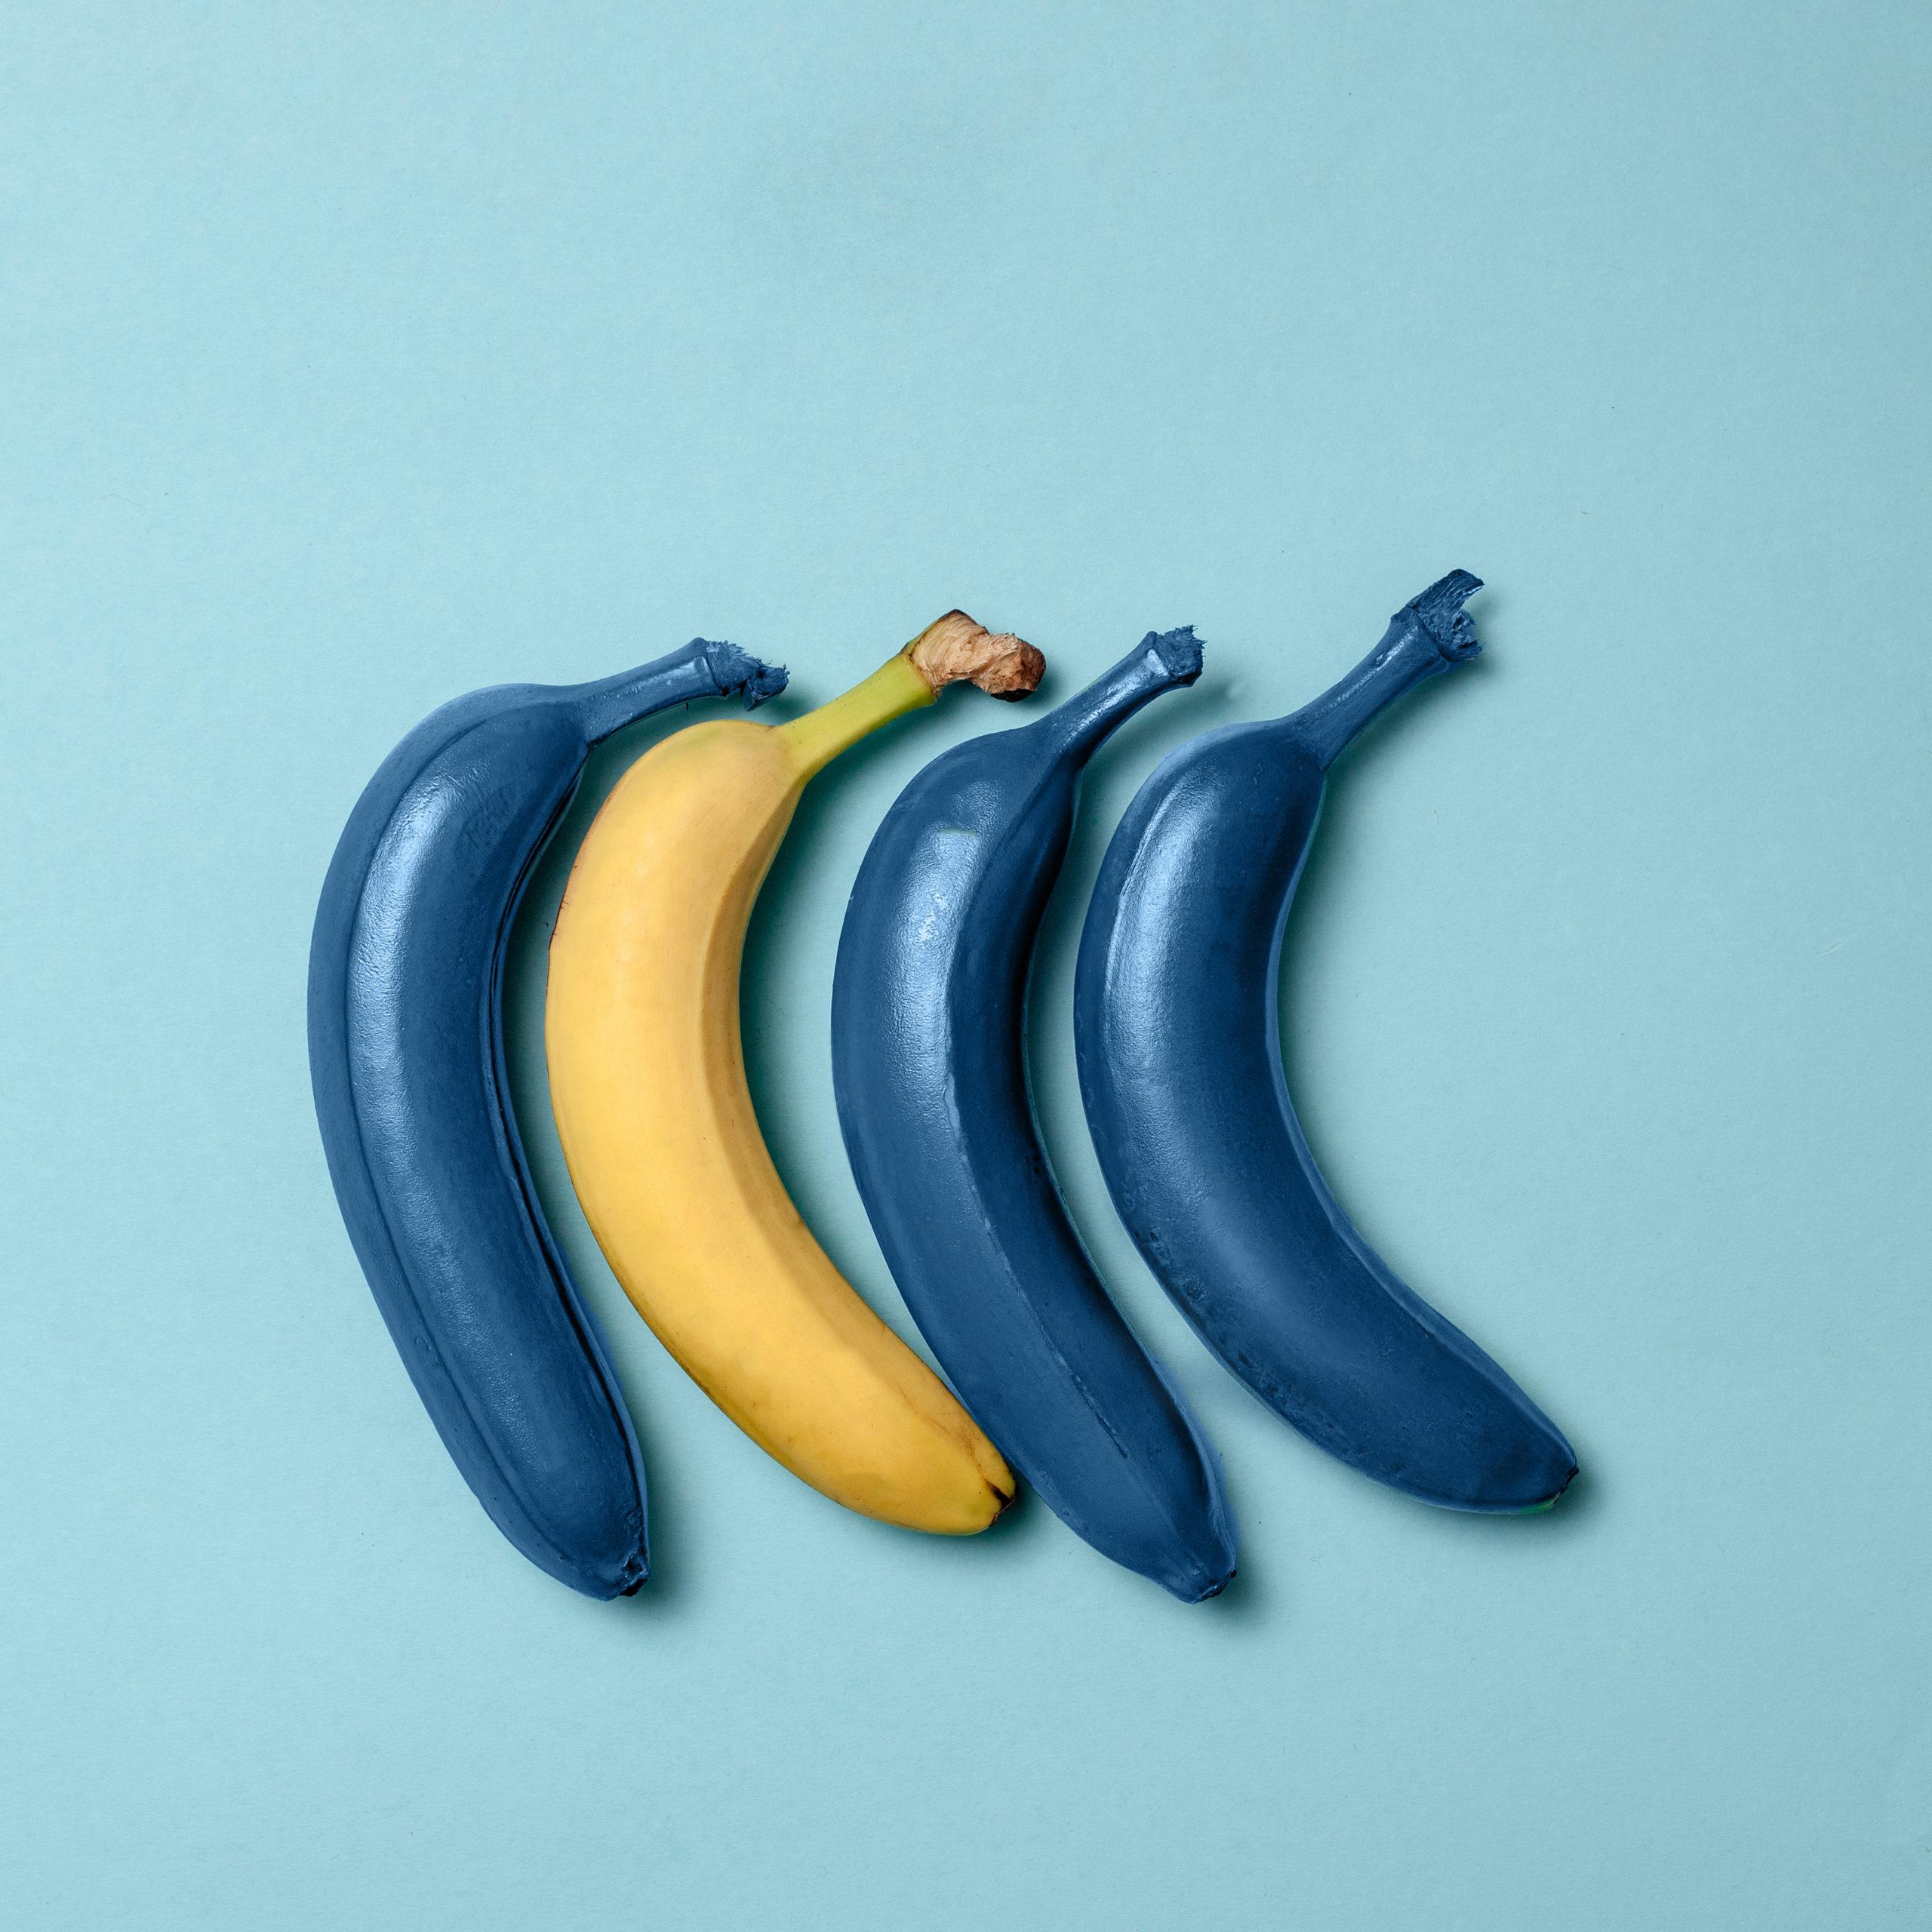 tres plátanos azules y uno amarillo